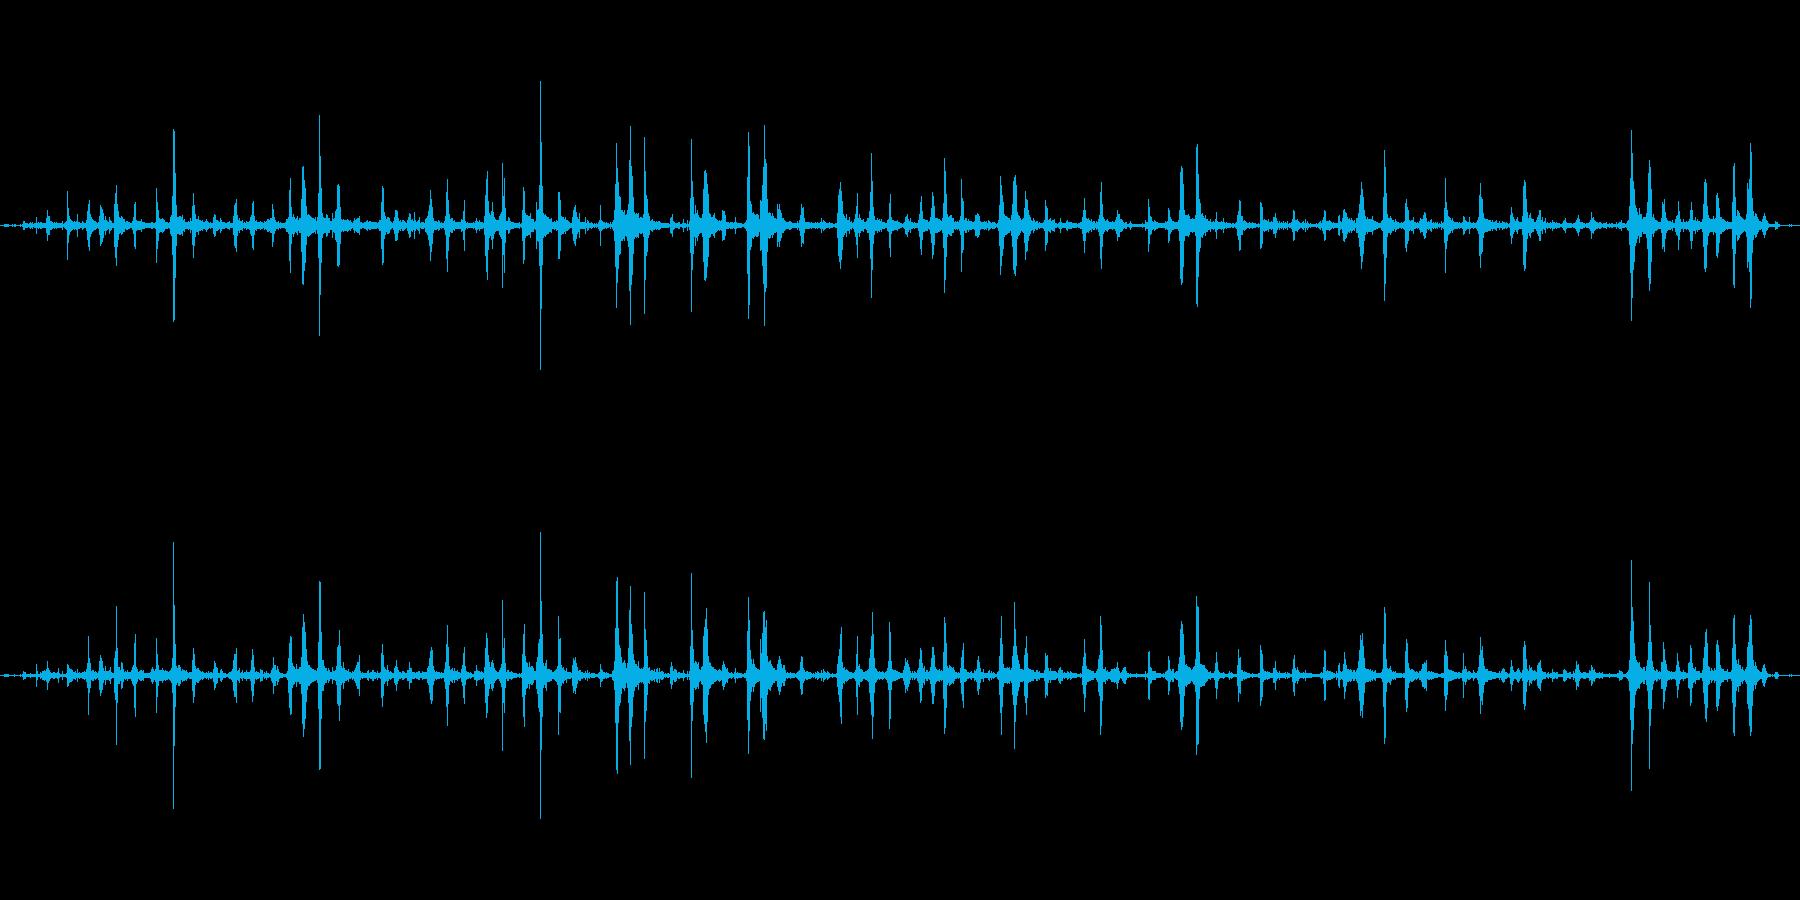 【ASMR】波打ち際から聞こえる静かな音の再生済みの波形